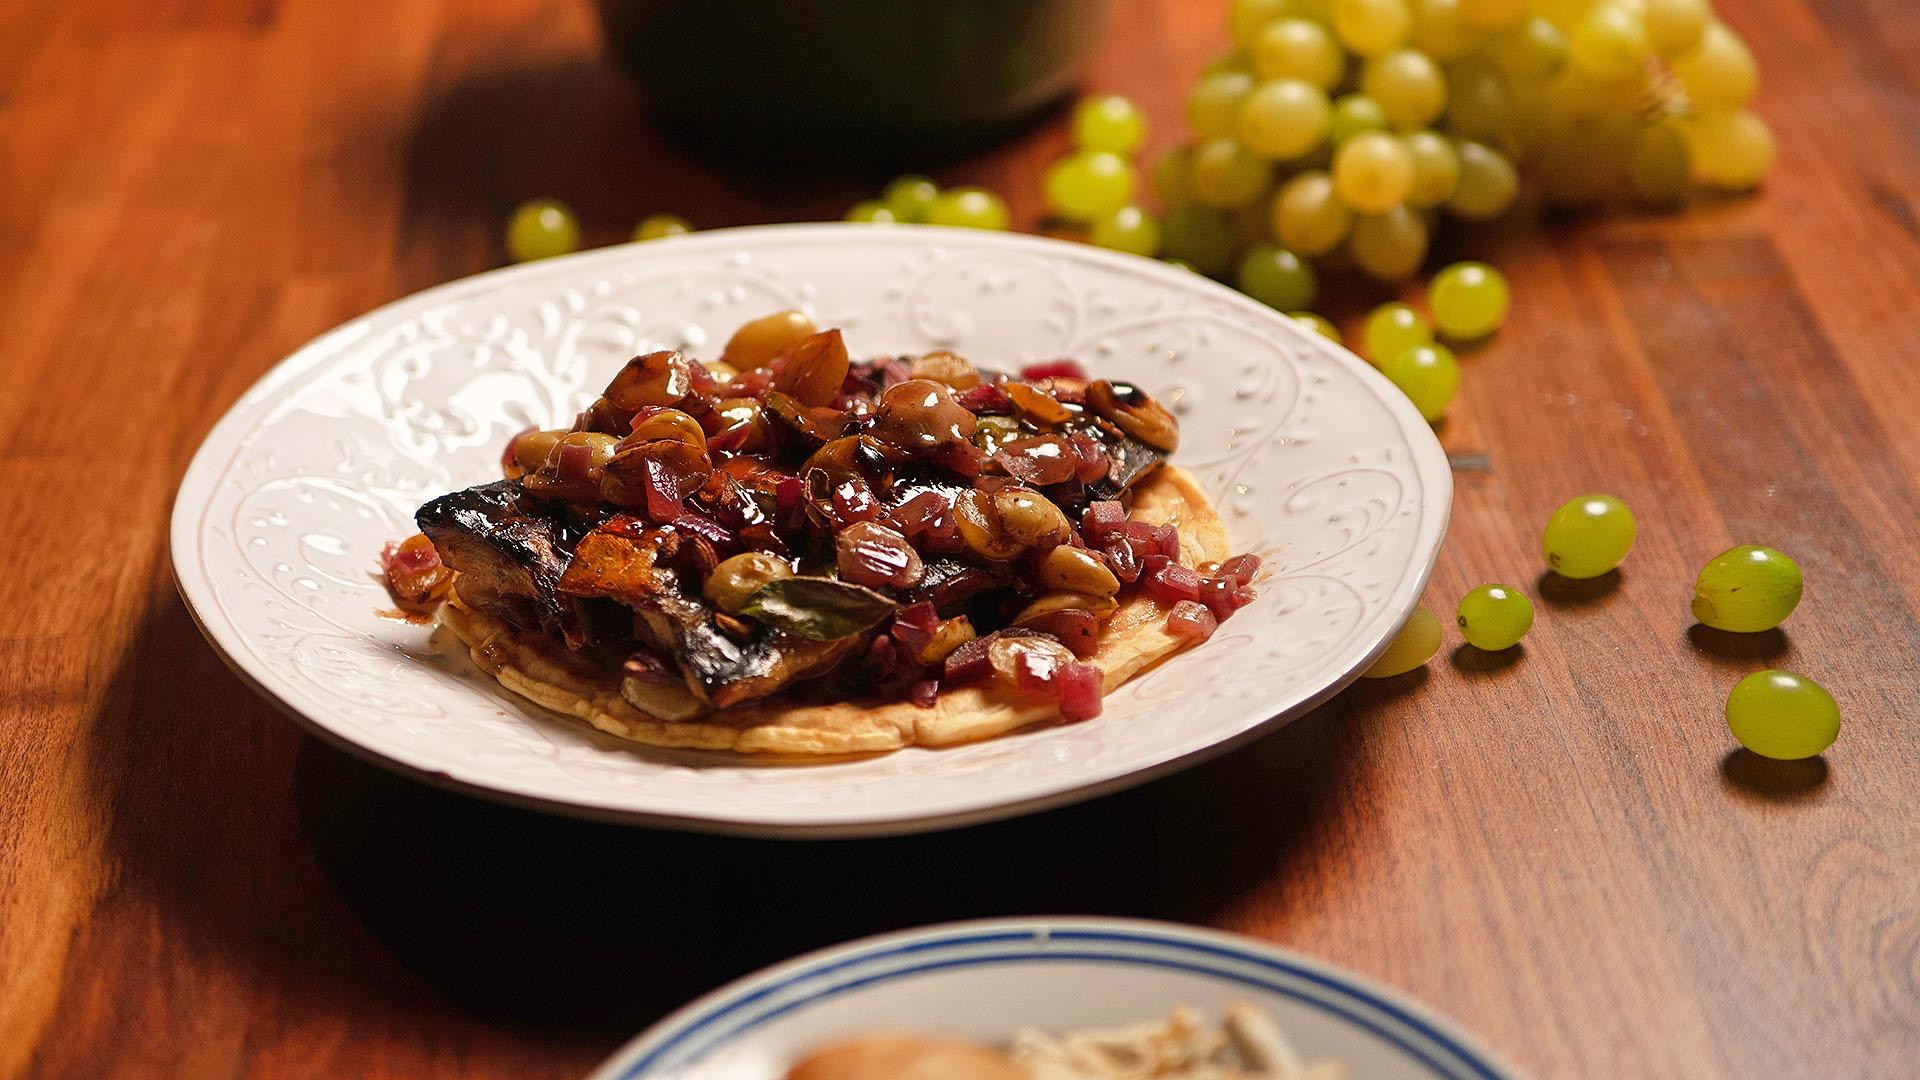 Makrela pieczona z winogronami, cebulą i octem balsamicznym